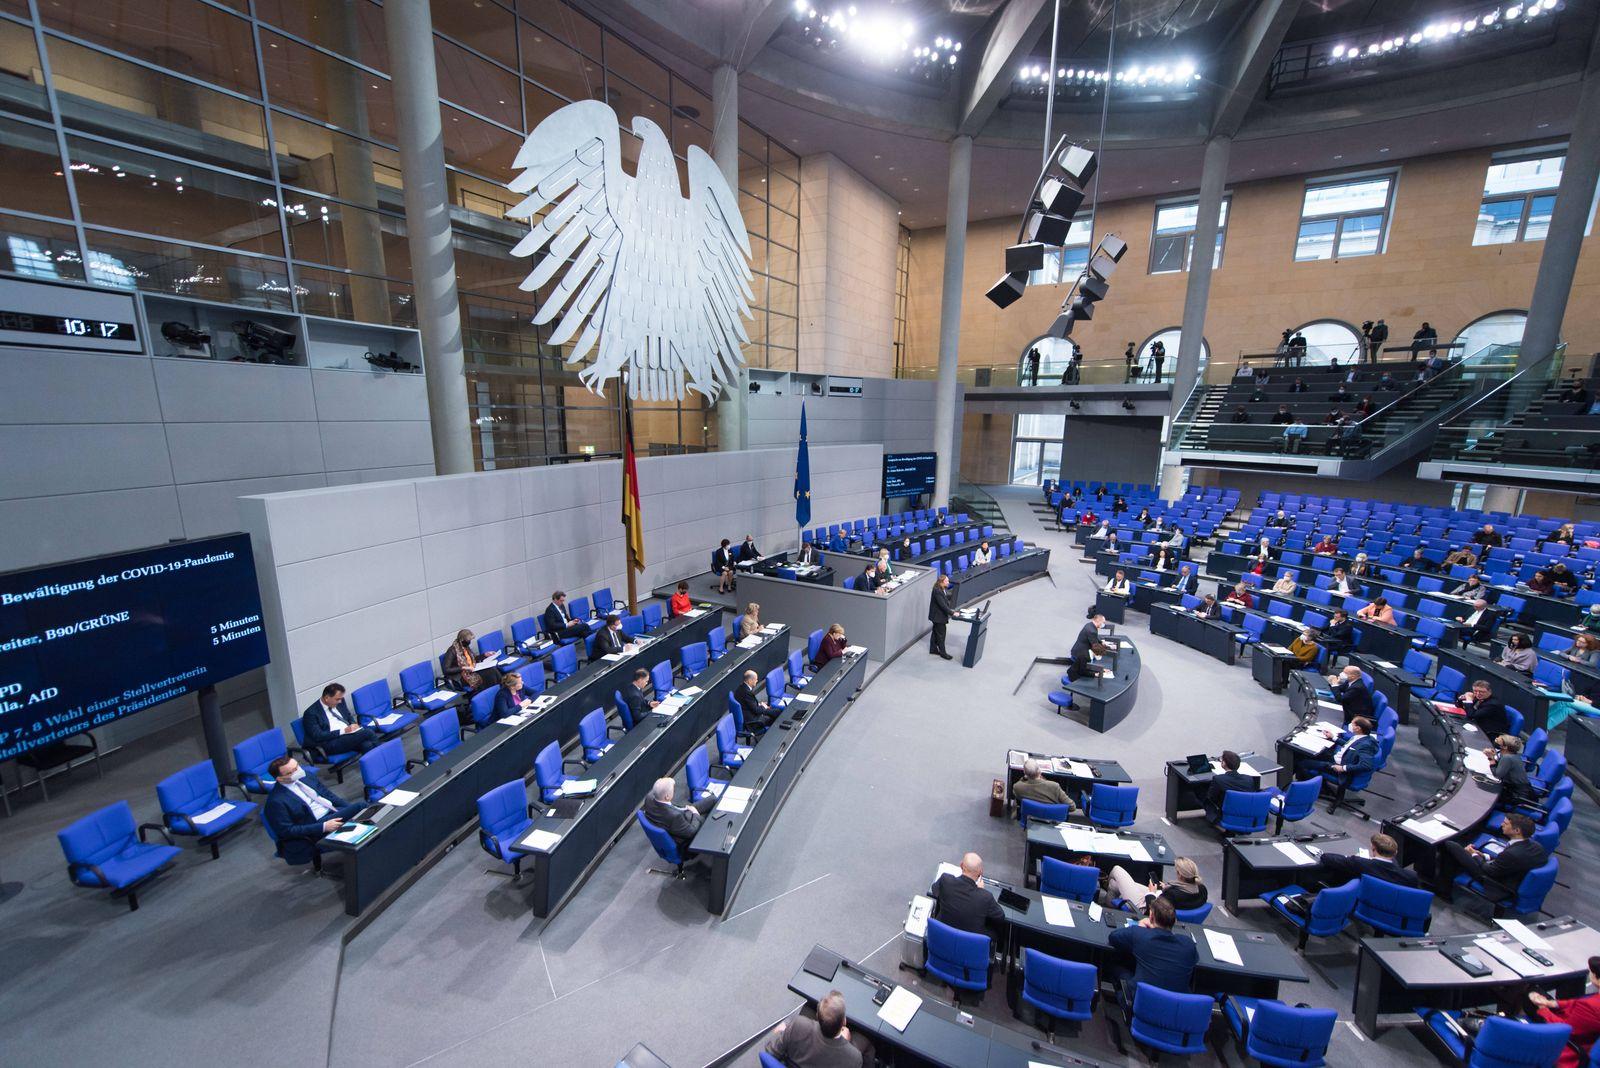 Berlin, Plenarsitzung im Bundestag Deutschland, Berlin - 26.11.2020: Im Bild ist der Plenarsaal während der Sitzung des